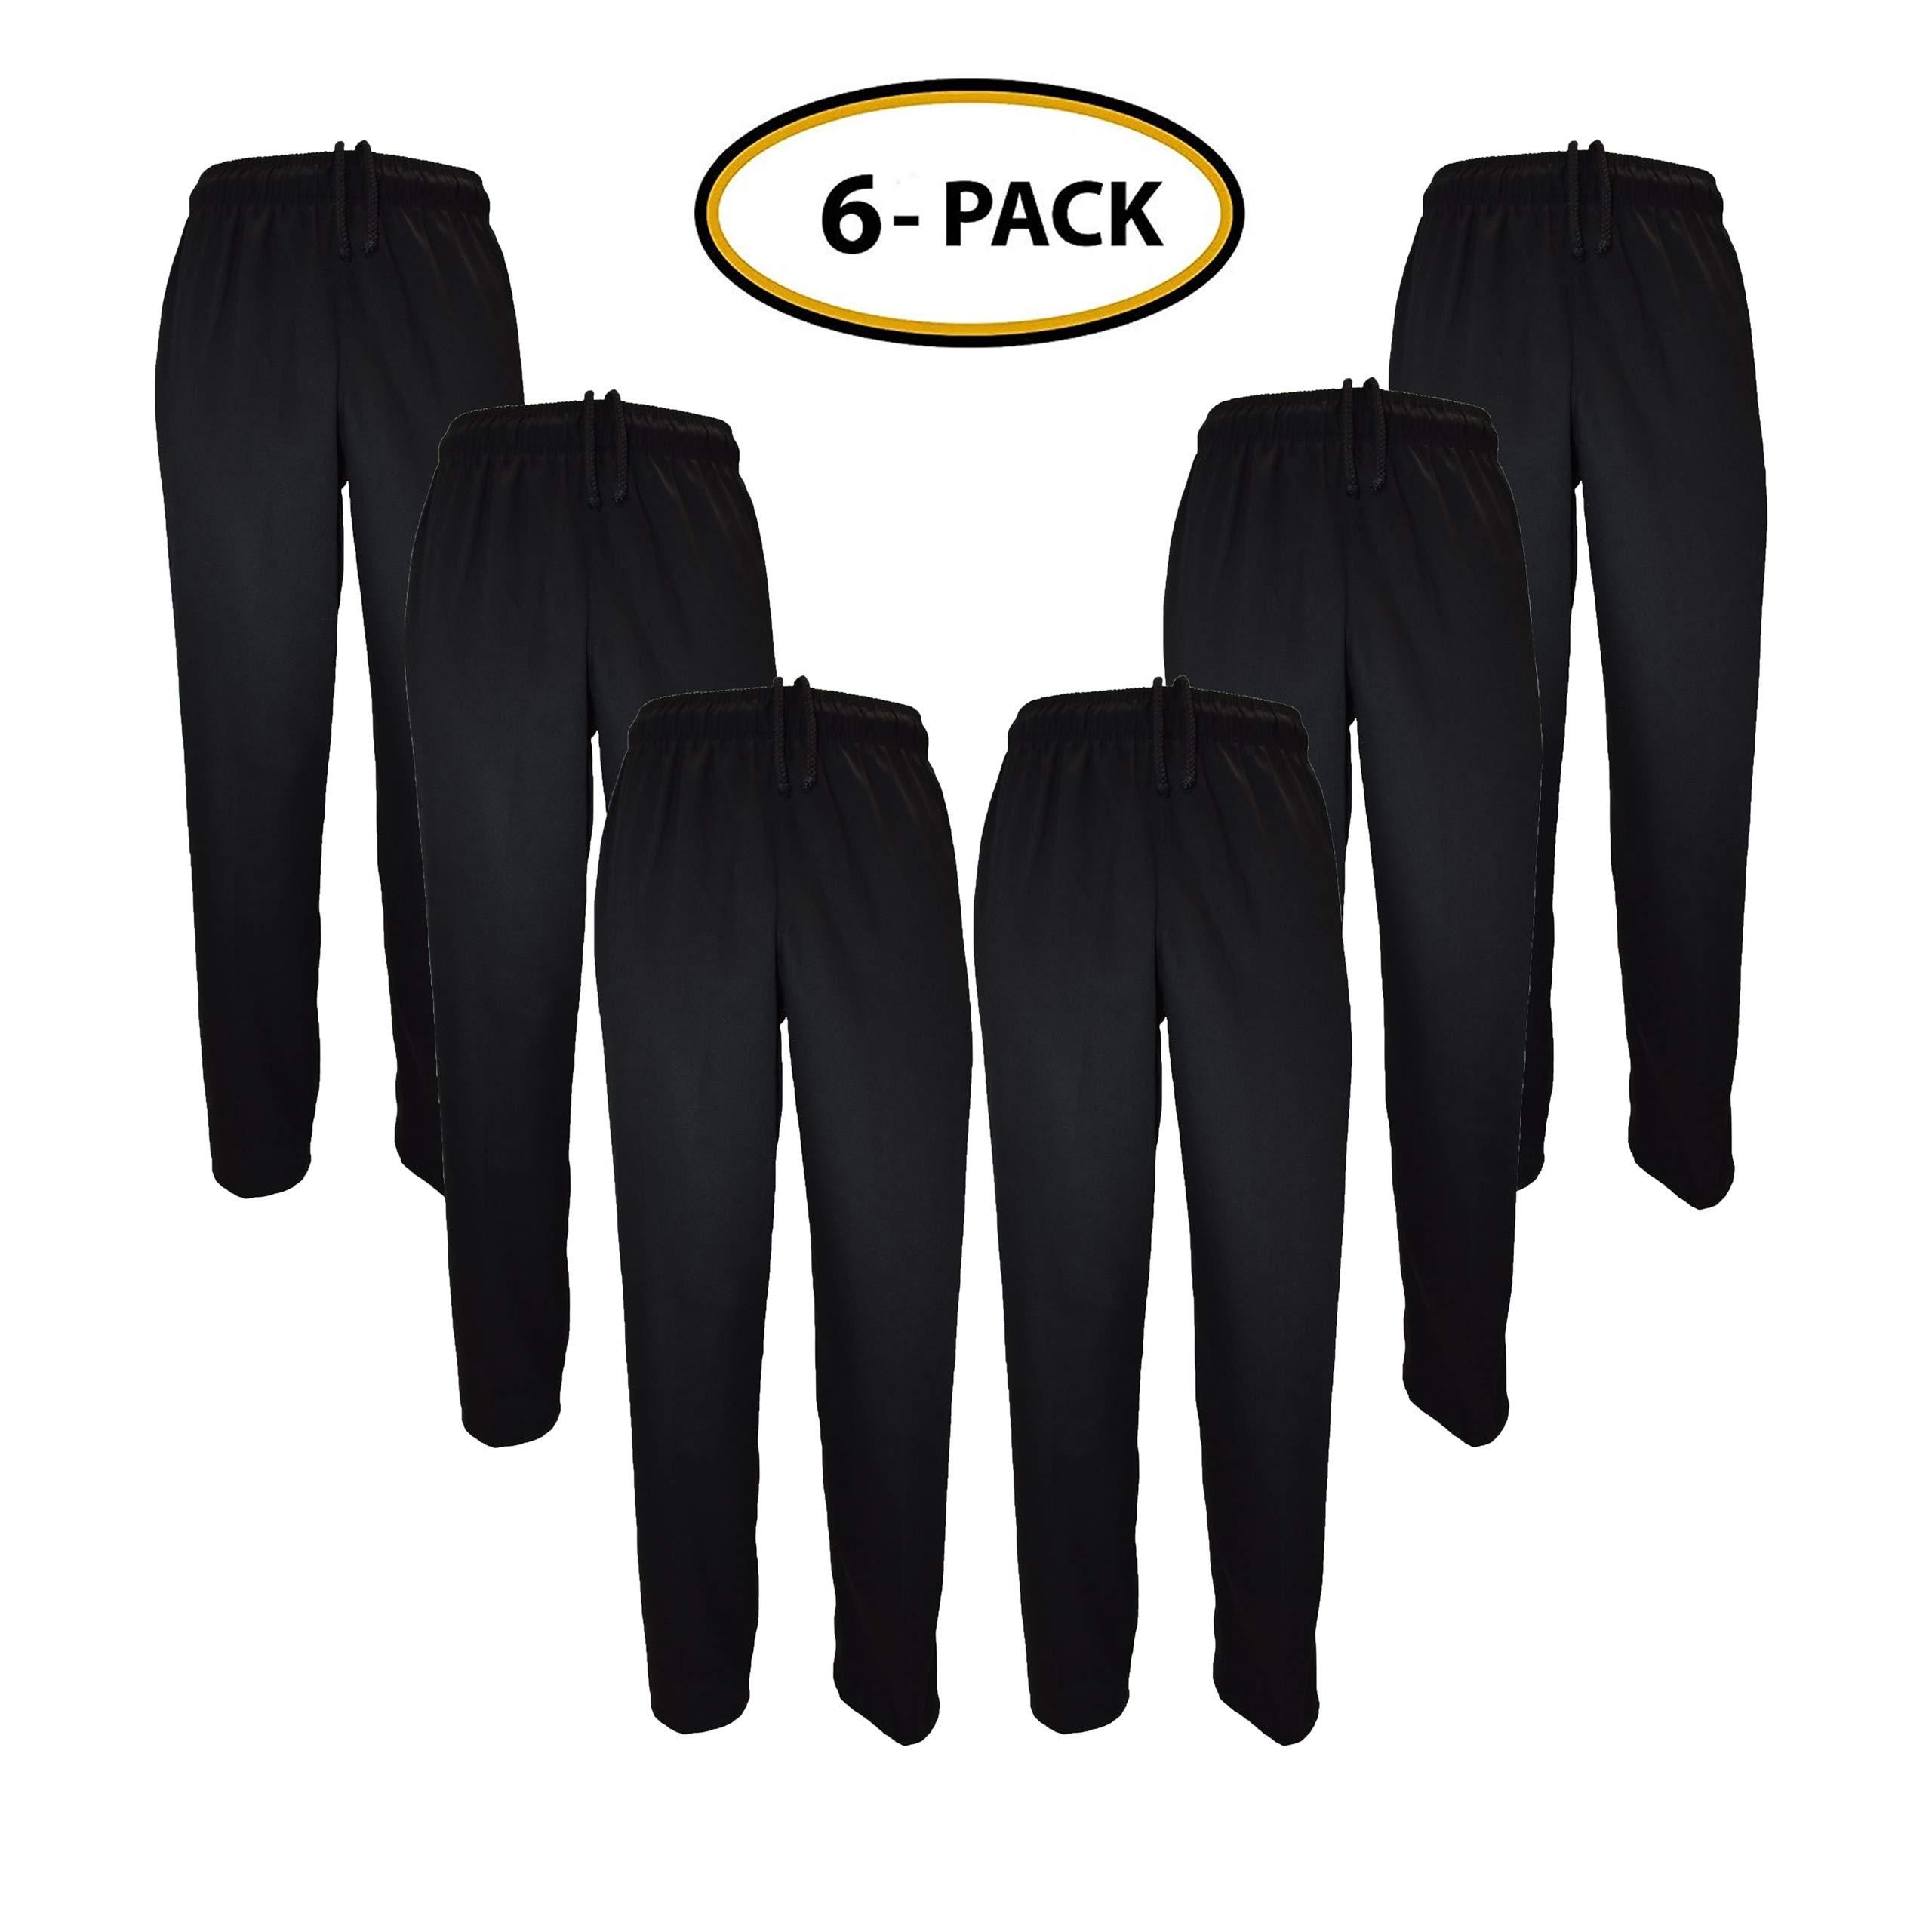 Classic Chef Pants (XXXXX-Large, 6 Pack Black)